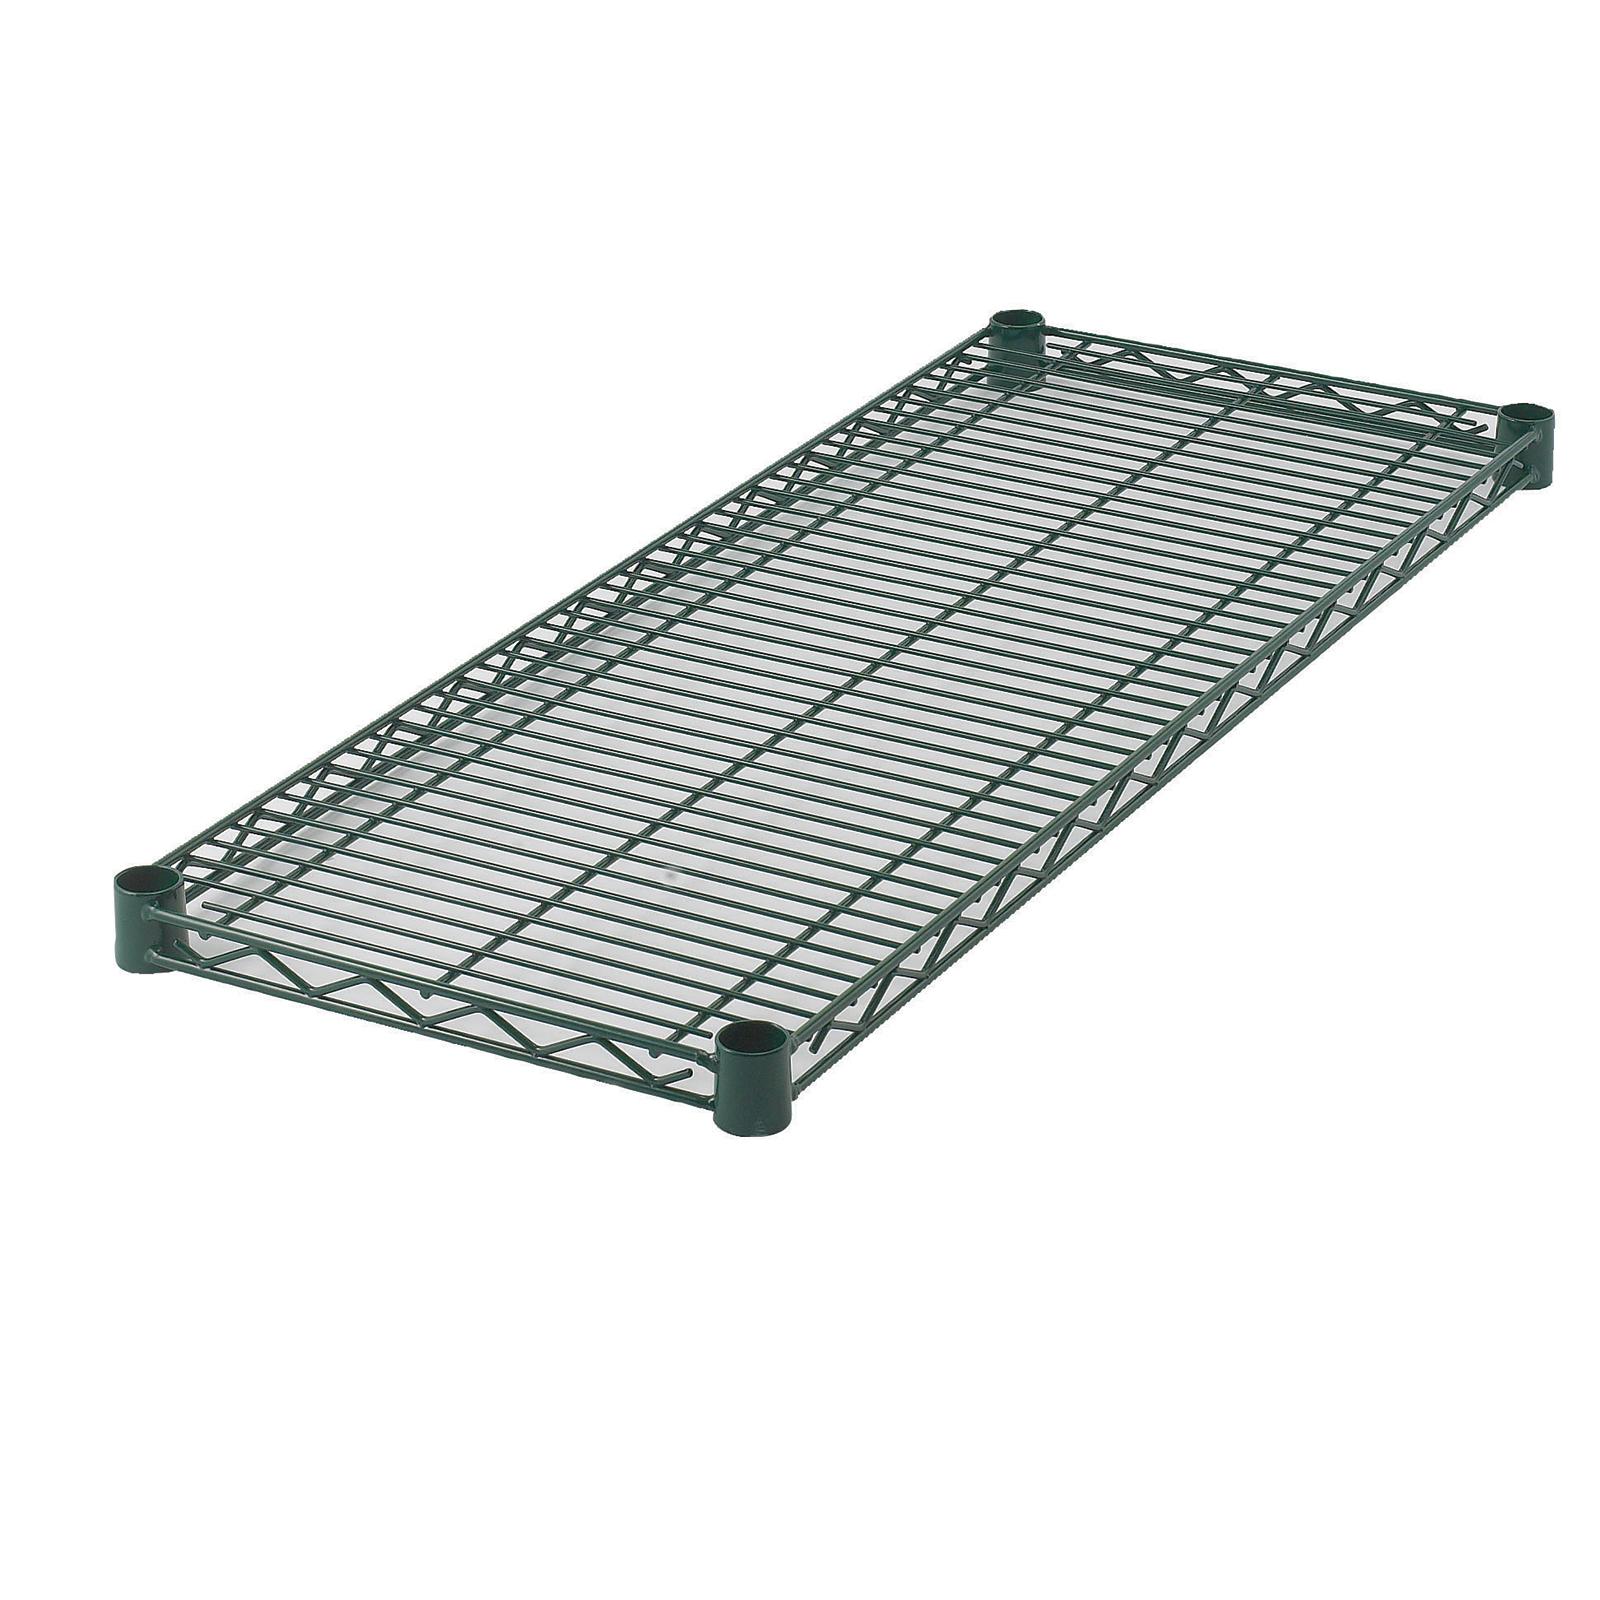 Winco VEX-1830 shelving, wire